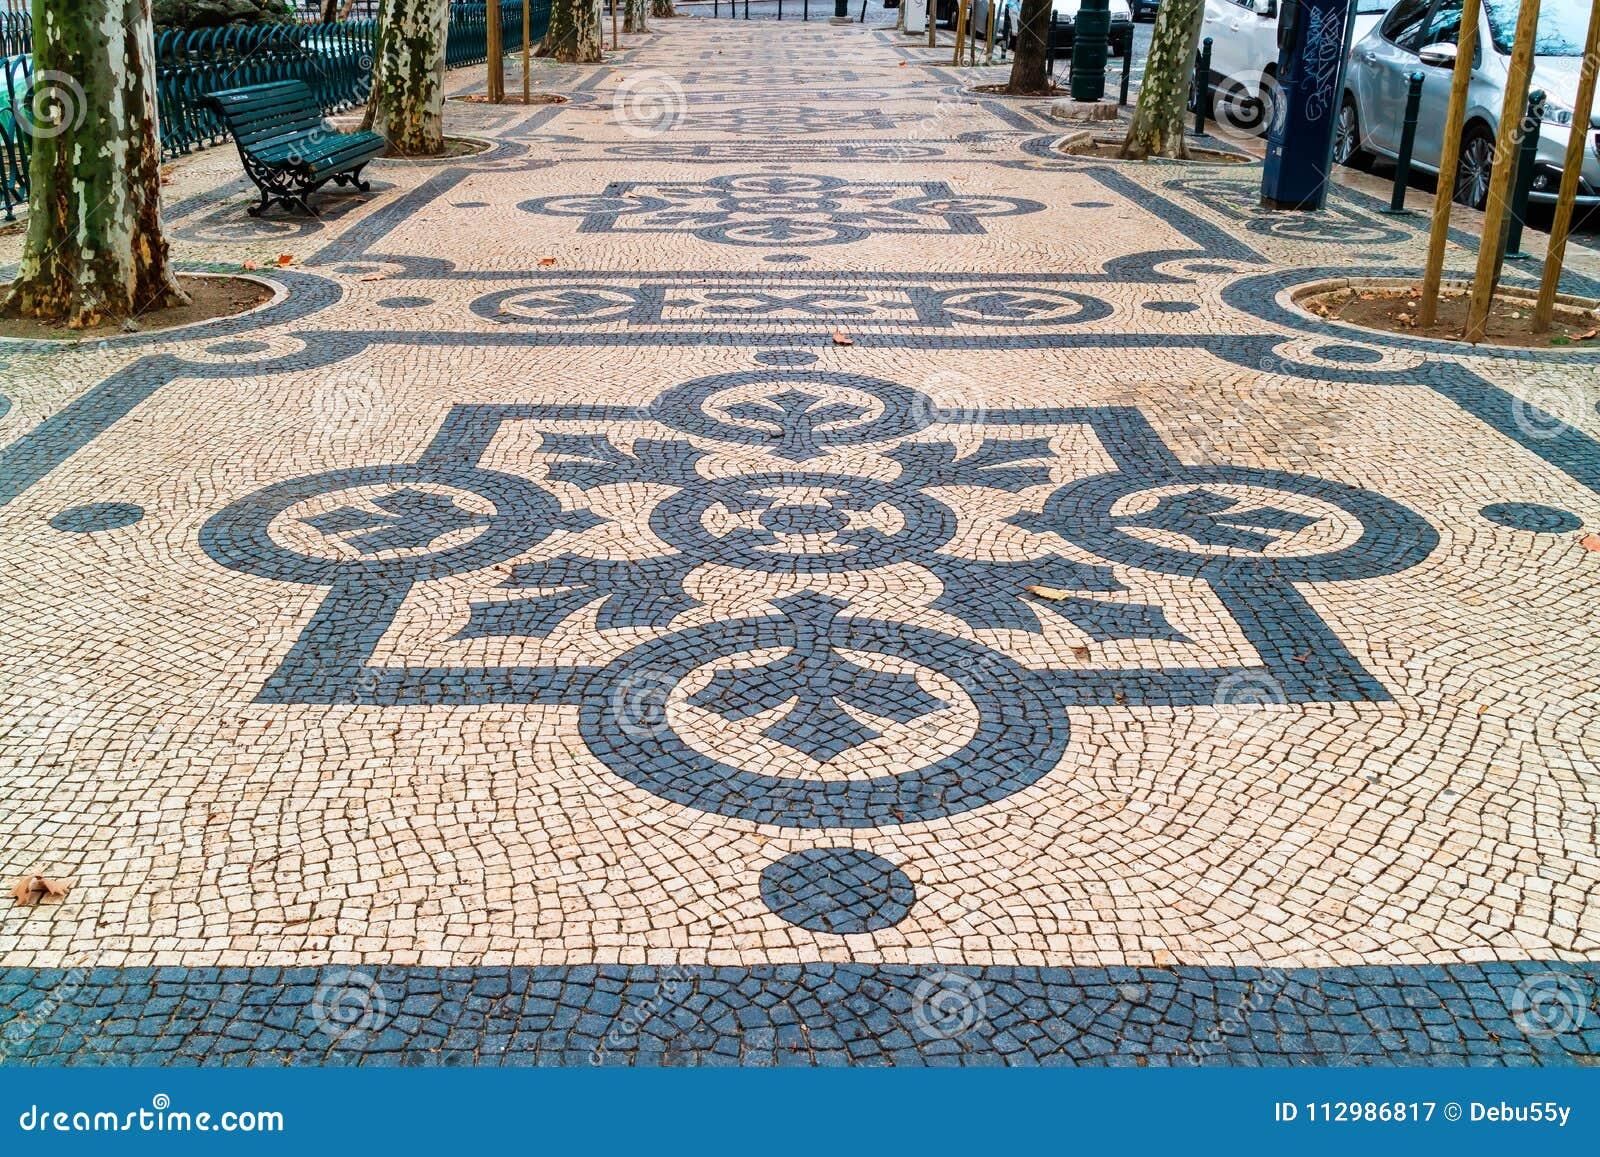 Geometric patterns of public walkways in Lisbon.